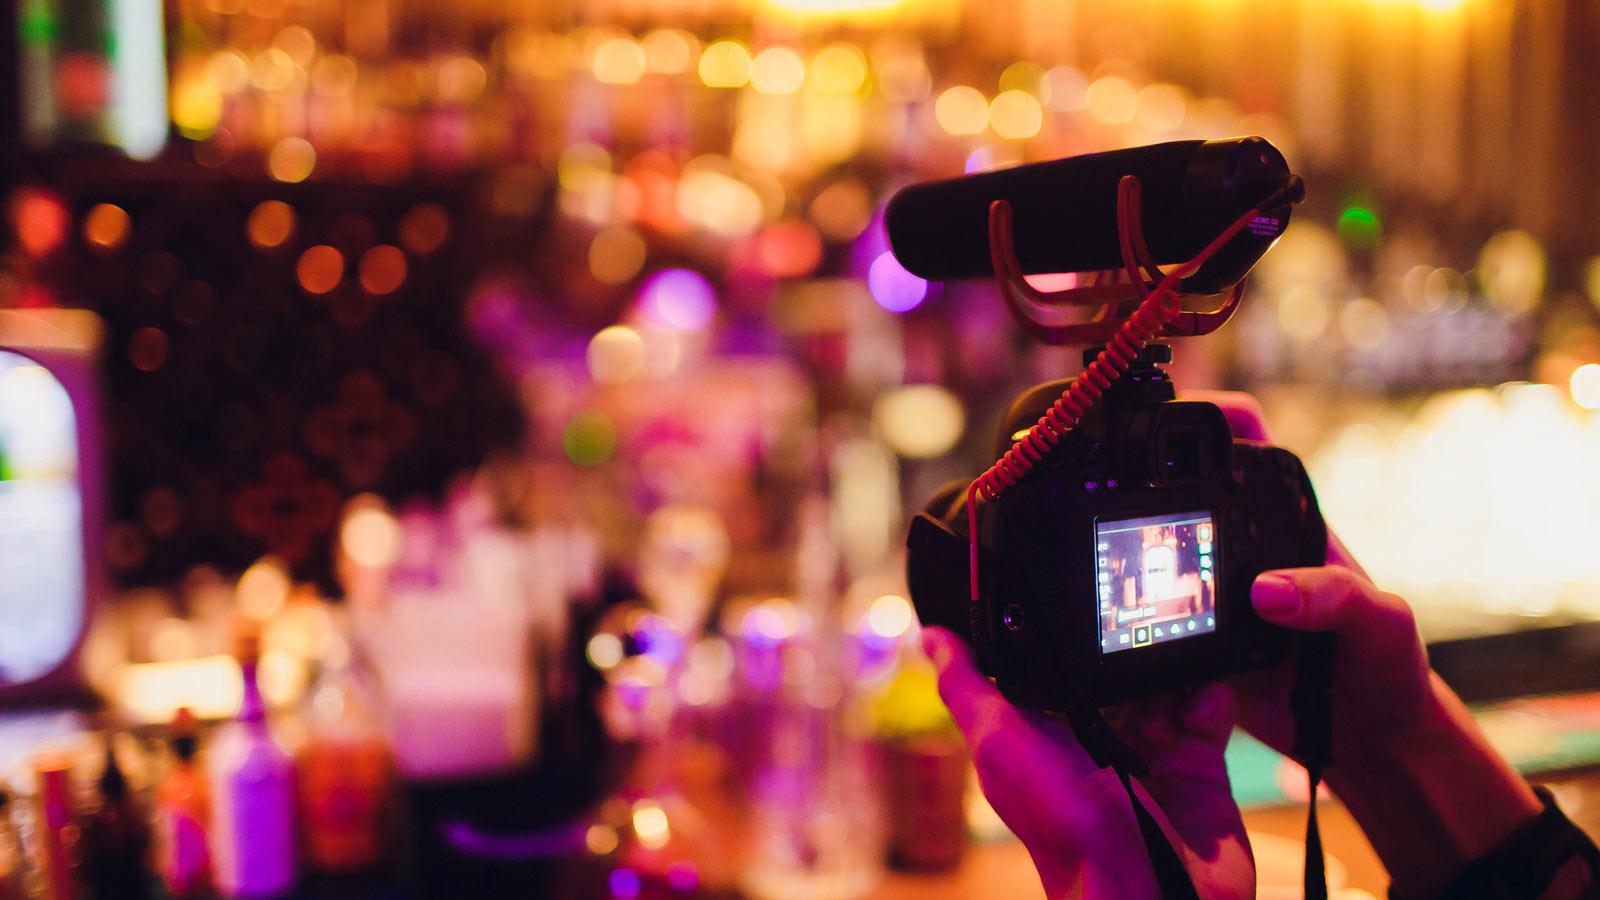 blog producao continuada 1a dumela - Conteúdo em vídeo: por que investir na produção continuada de vídeos?